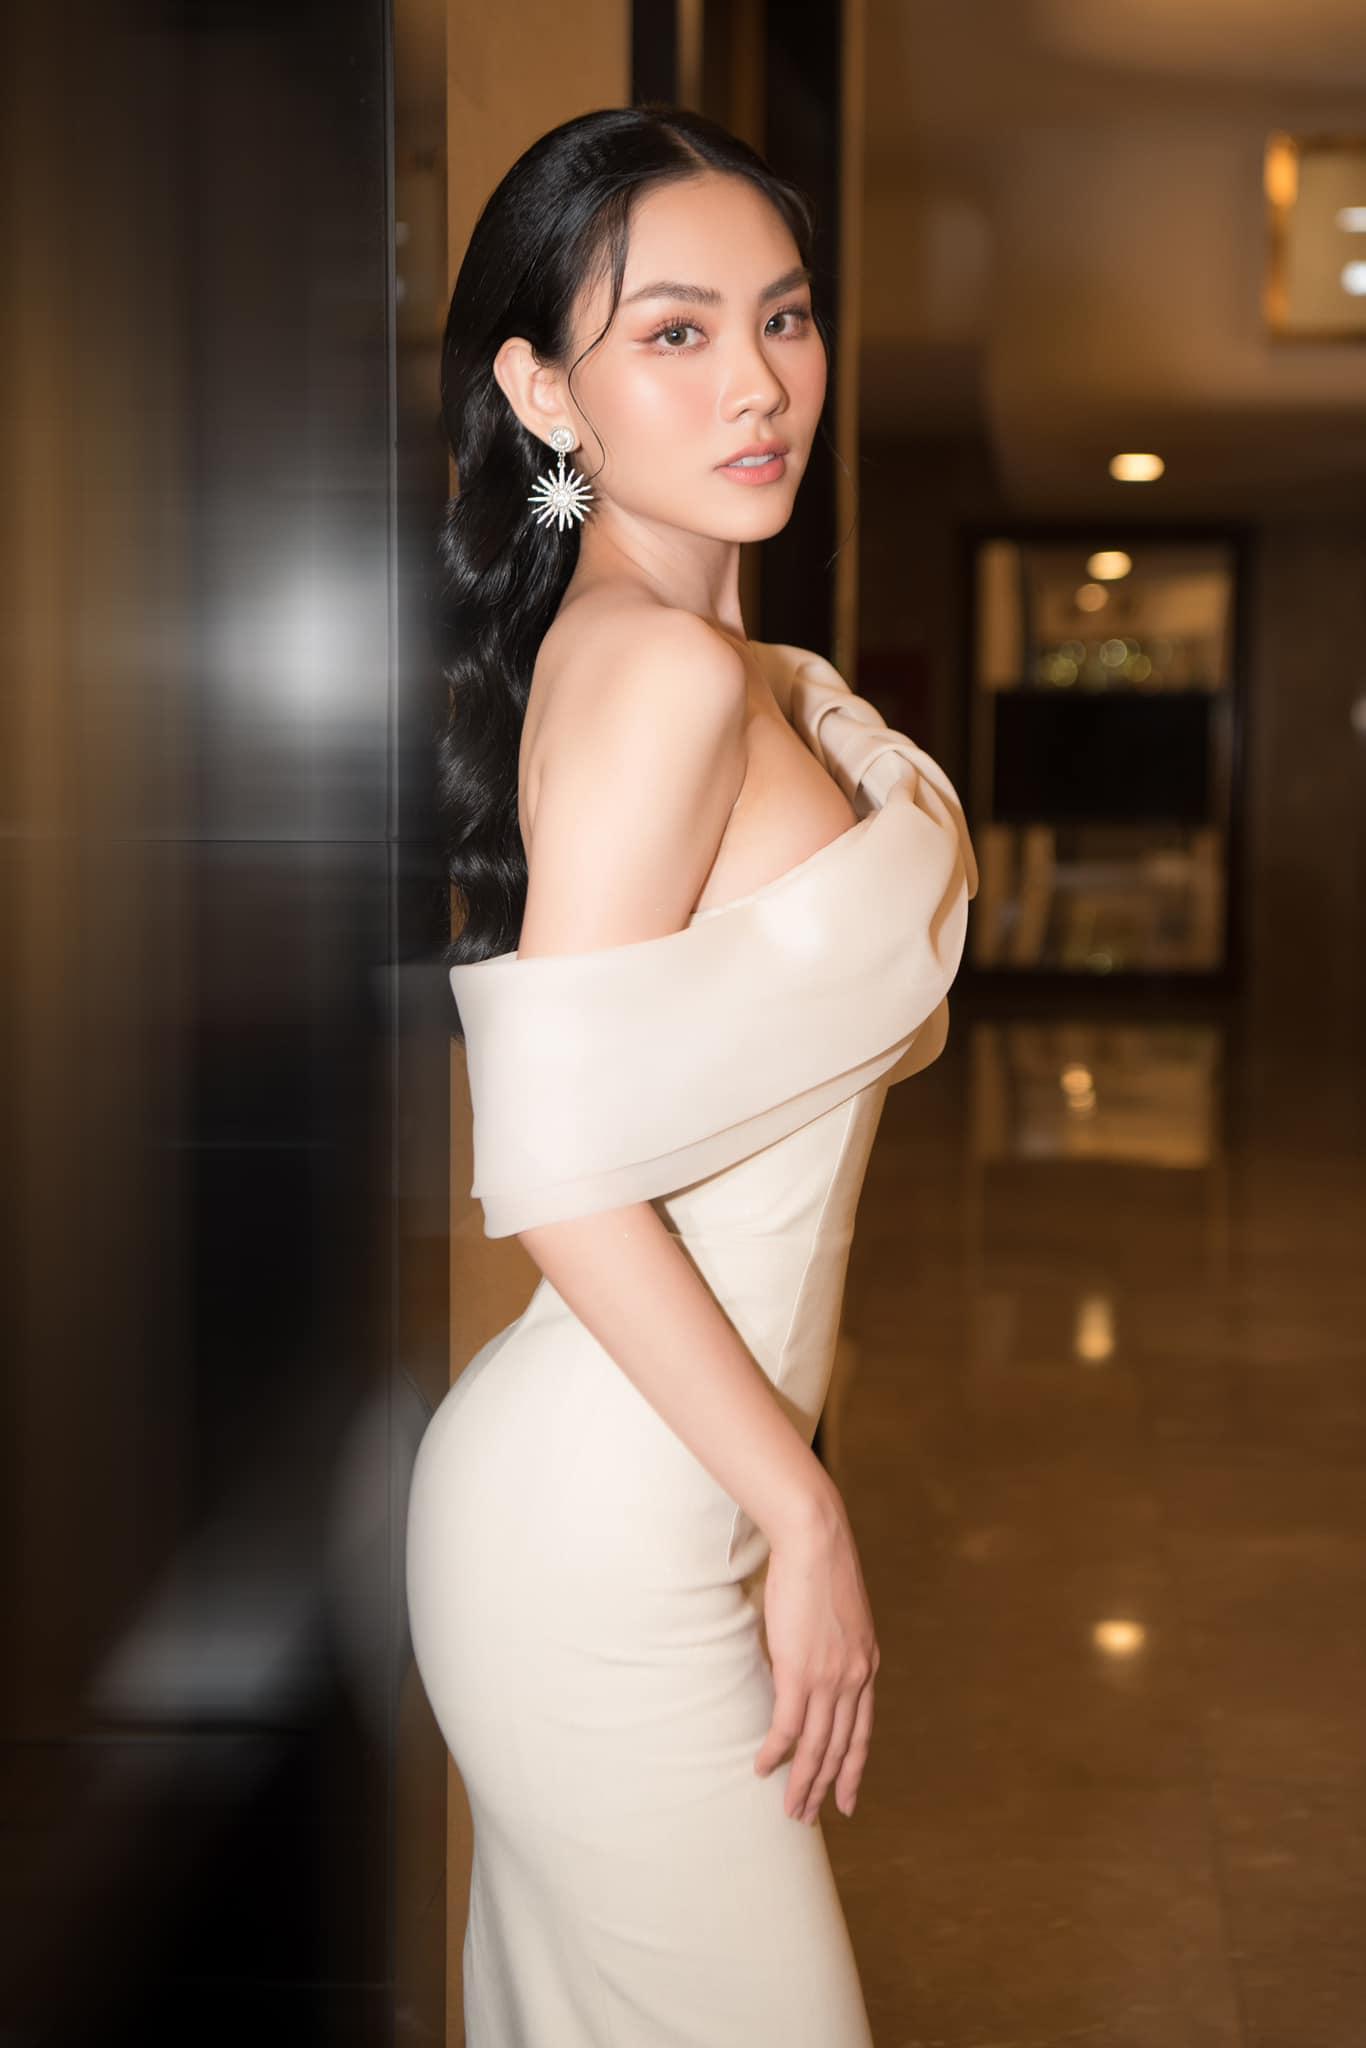 Nhan sắc mỹ nhân 9x lọt top 5 Hoa hậu Việt Nam tiếp tục thi Miss World Vietnam 2021